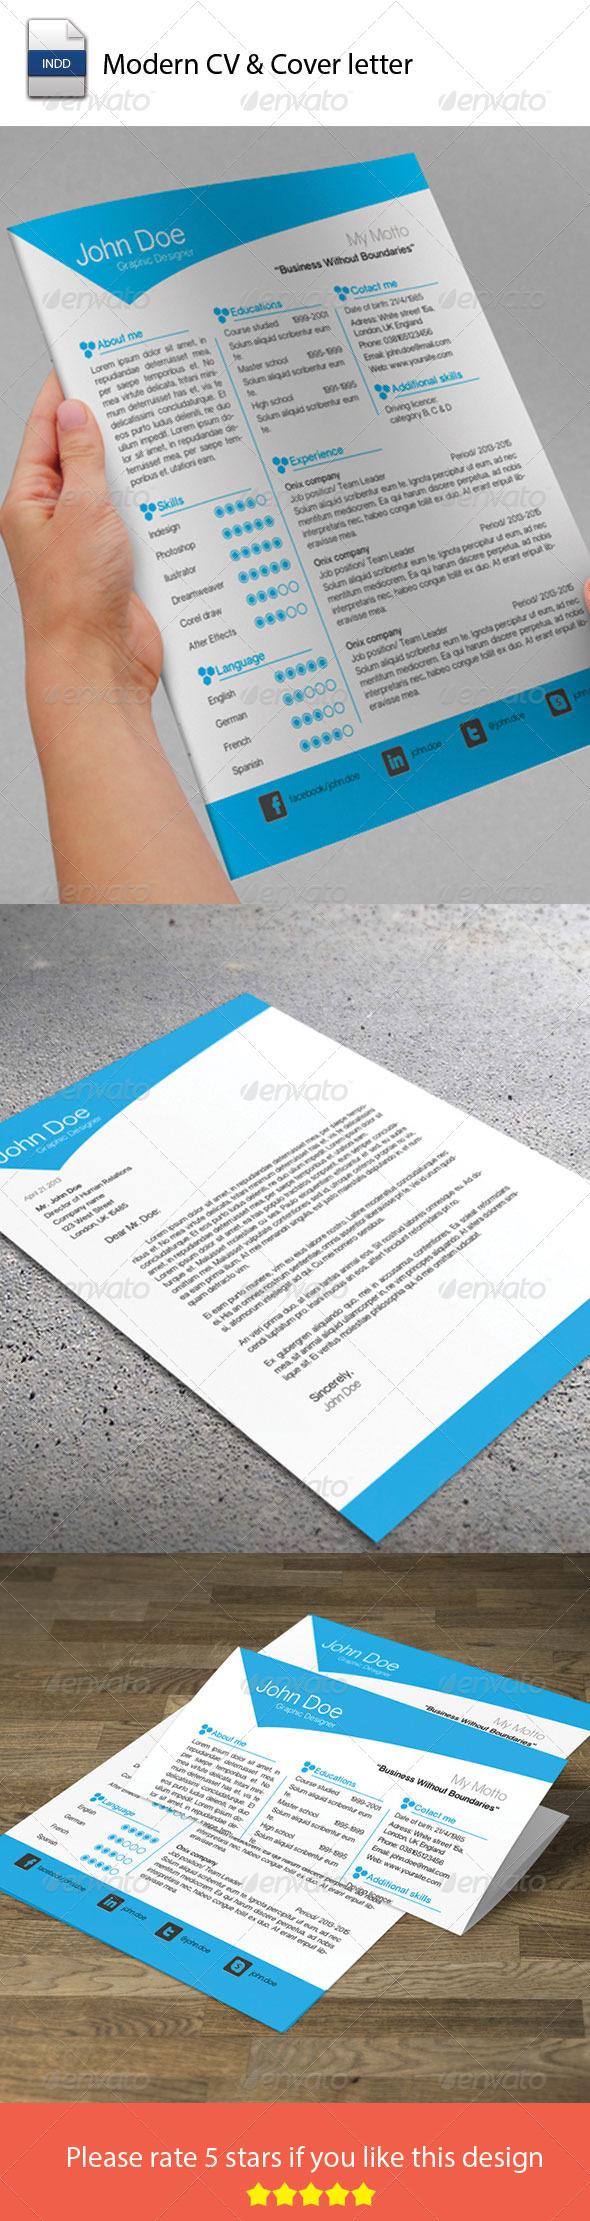 Modern CV & Cover Letter